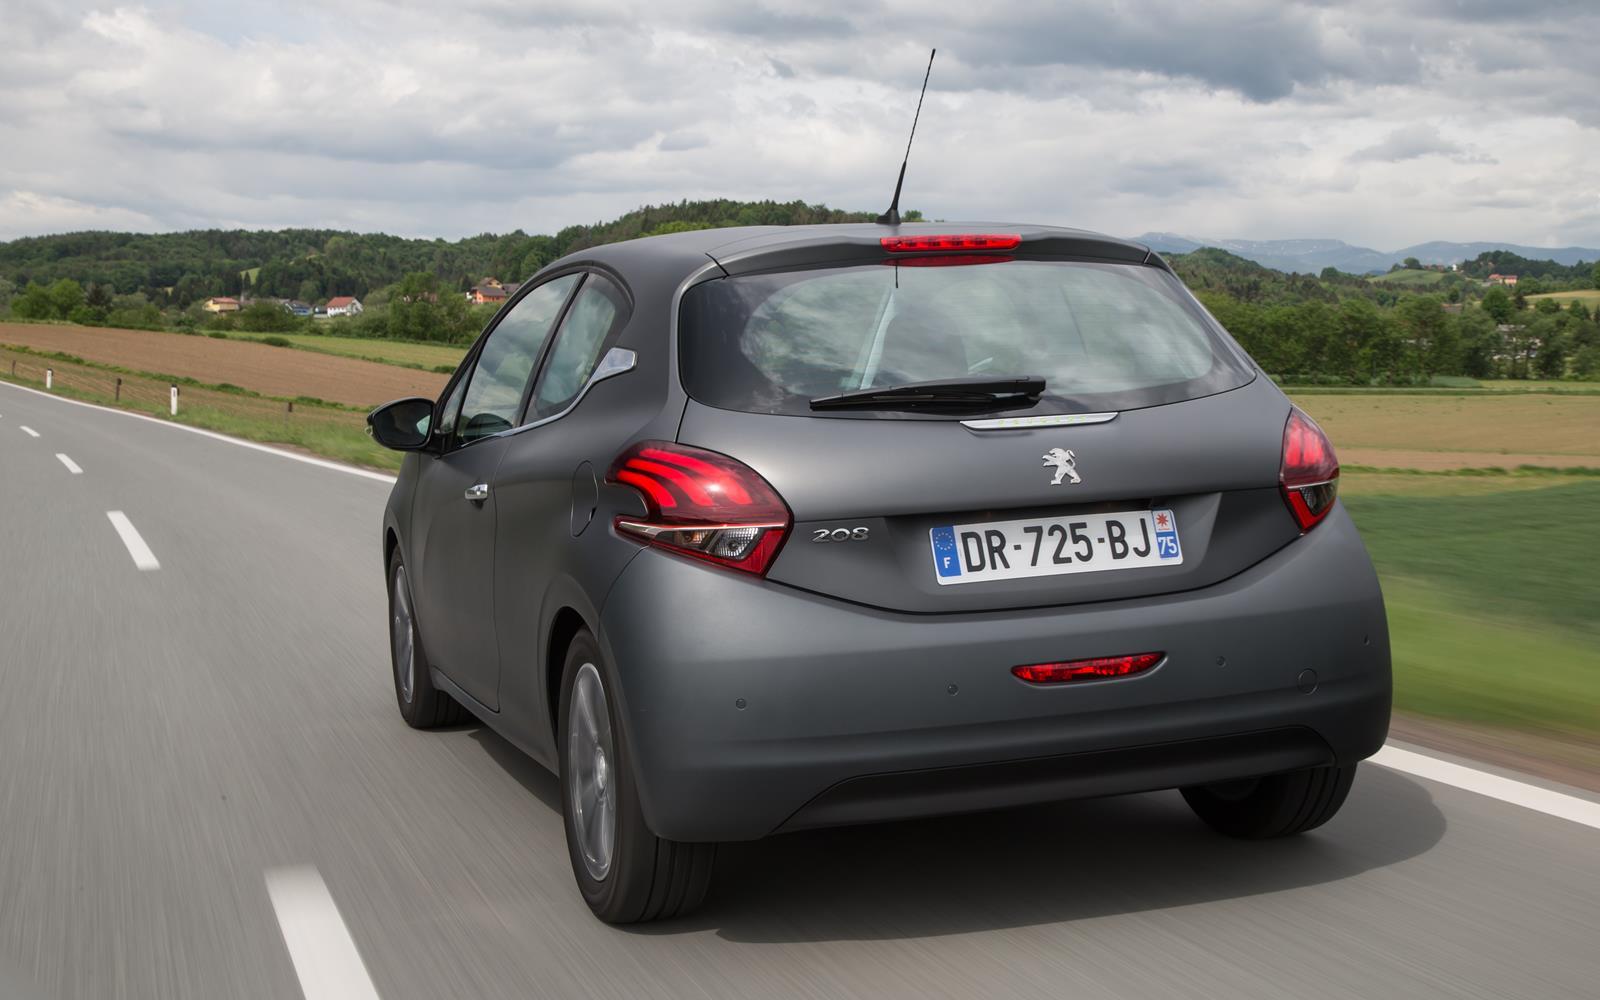 Peugeot 208 2015 Rear Dynamic